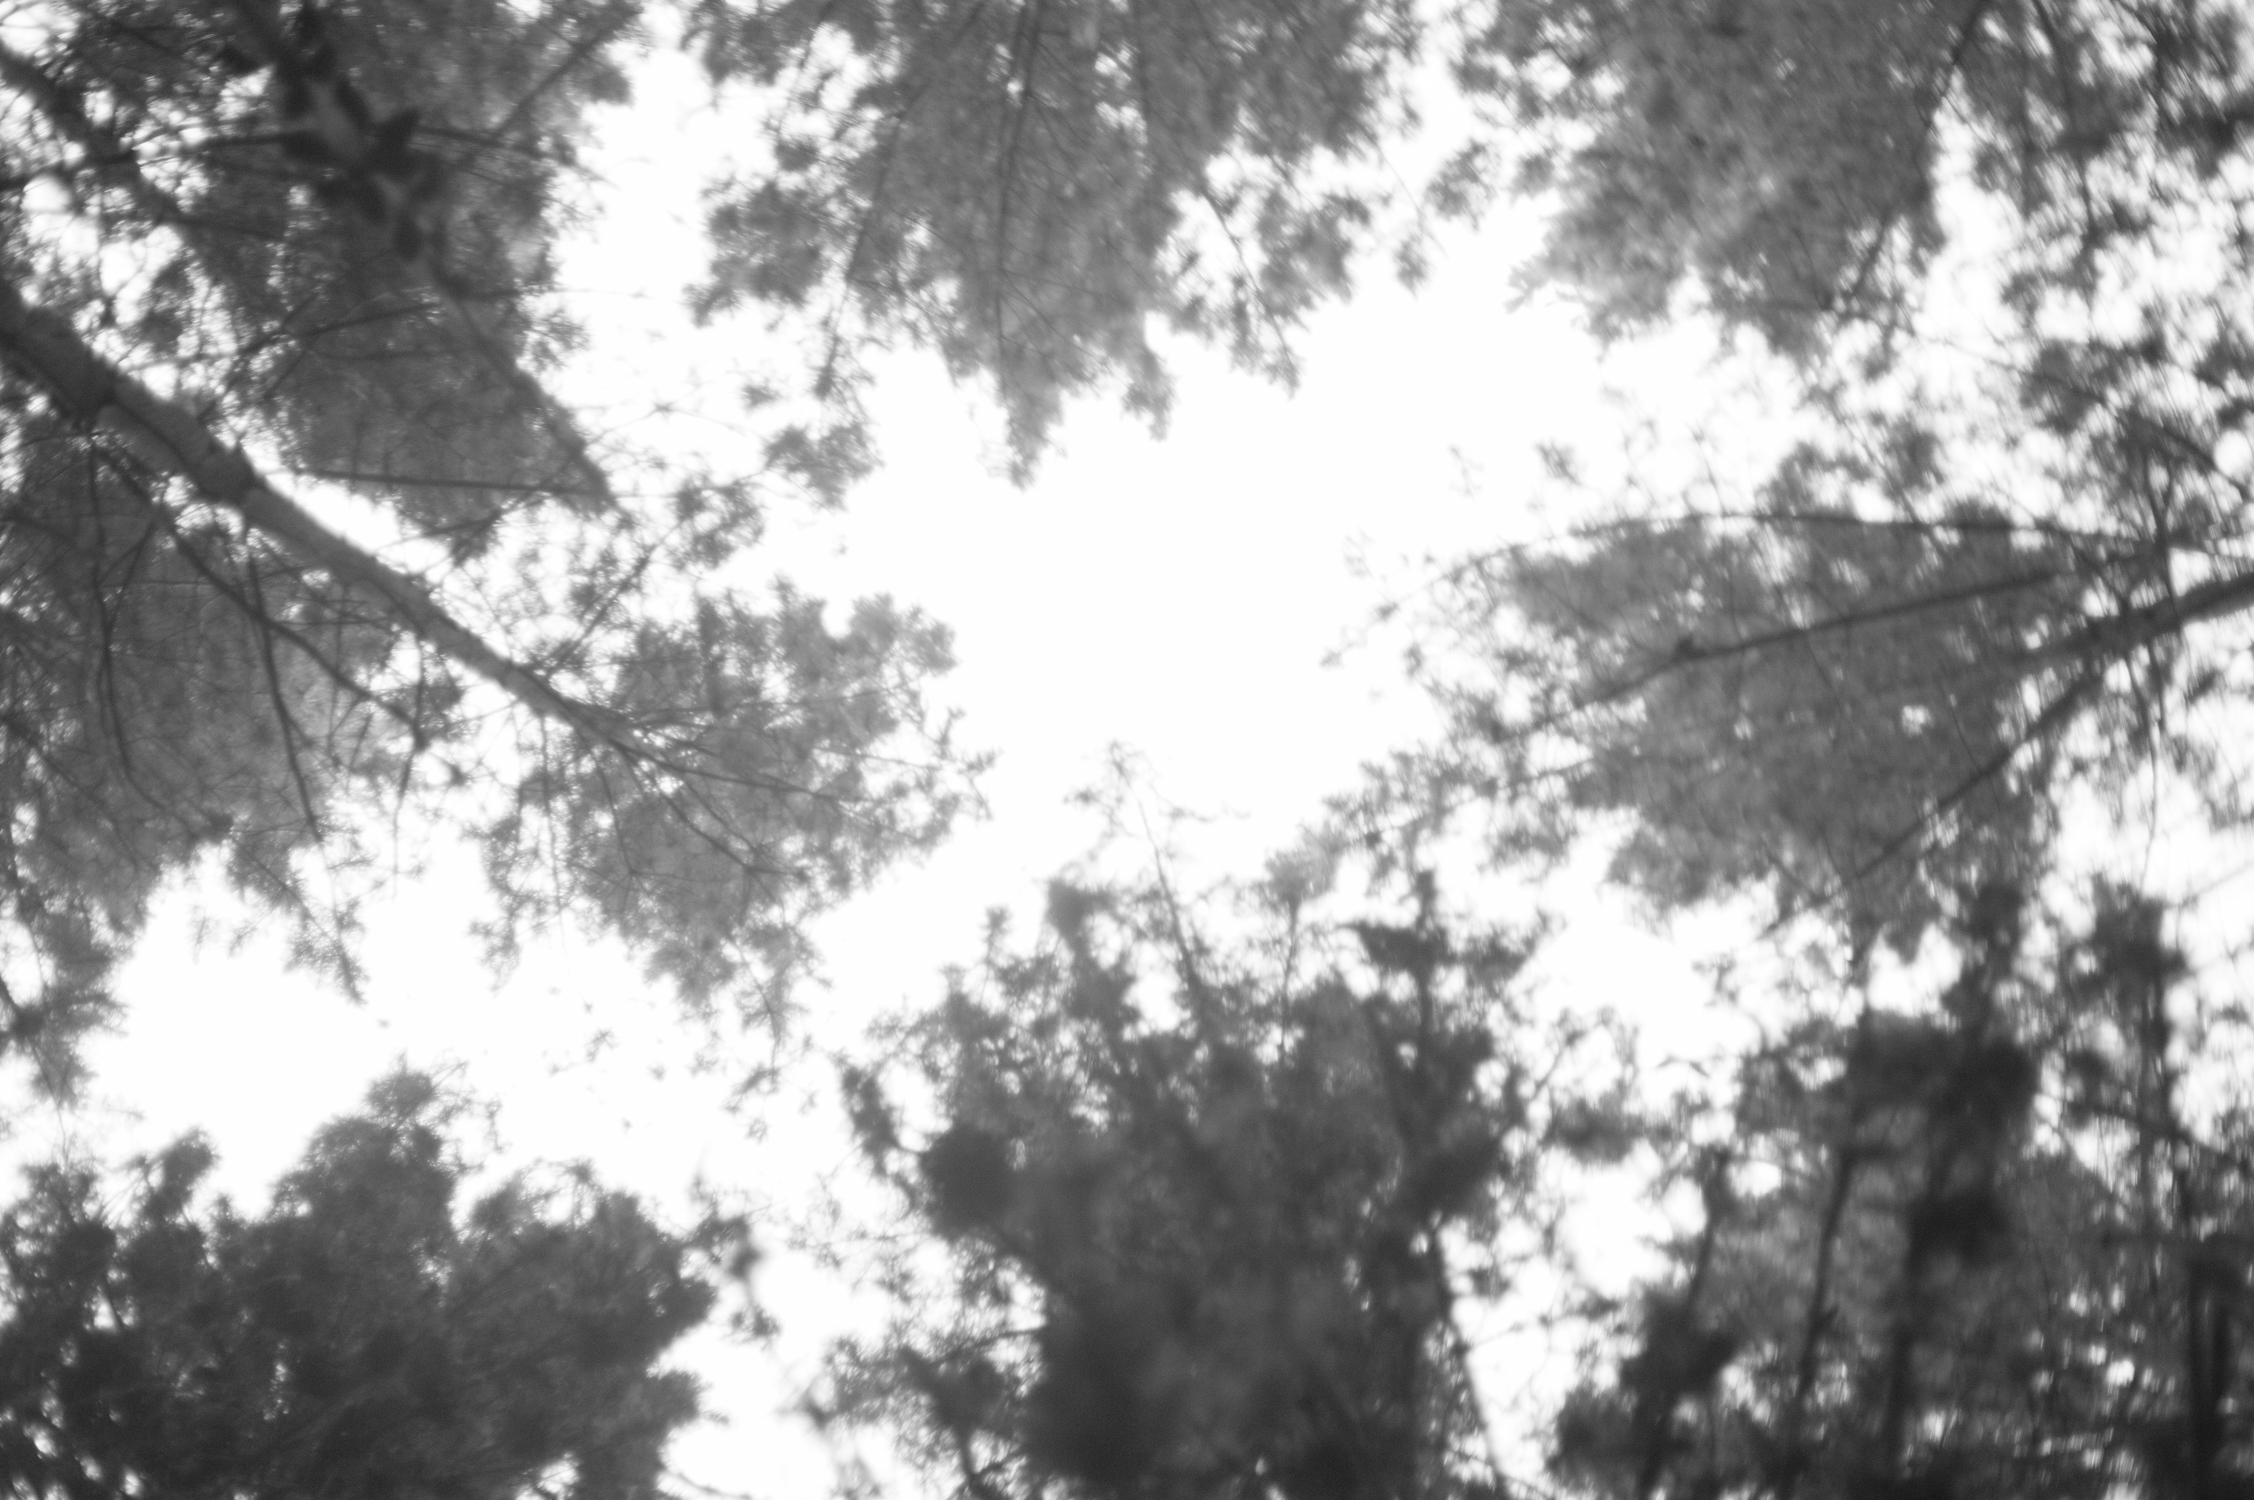 Deforestation-NewZealand-2016-HEYDT-6150.jpg